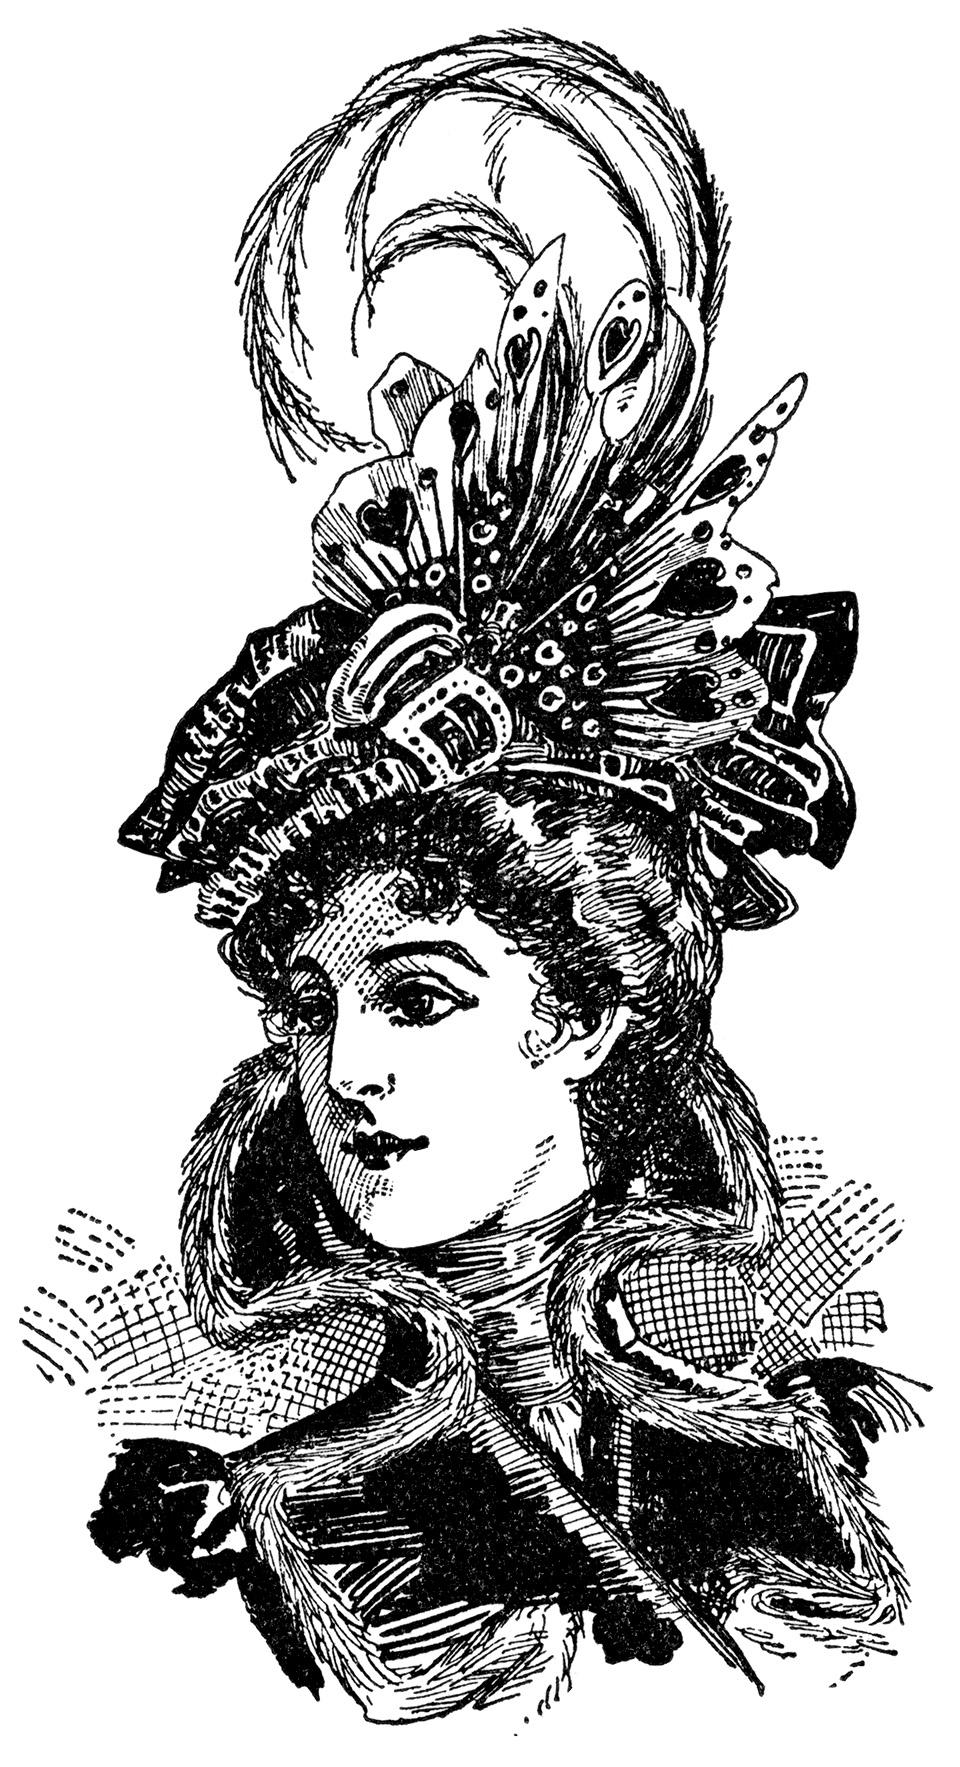 Antique Images: Digital Vintage Hat Fashion Women's Clip ...  |Vintage Hat Art